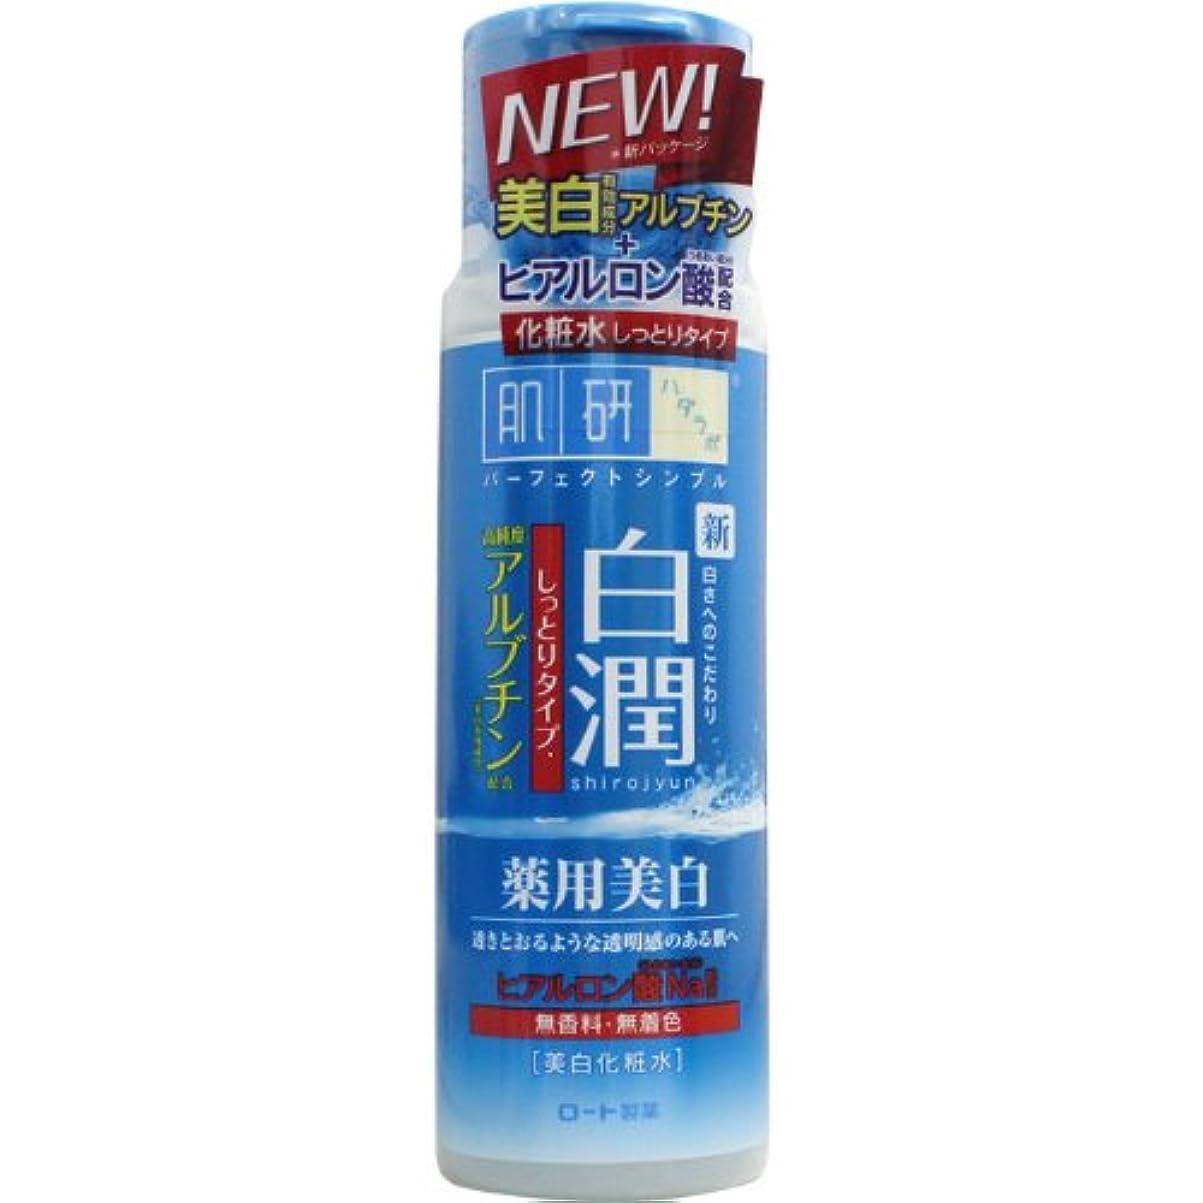 アカウント免除比類のない【医薬部外品】肌ラボ 白潤 薬用美白化粧水 しっとりタイプ 170mL